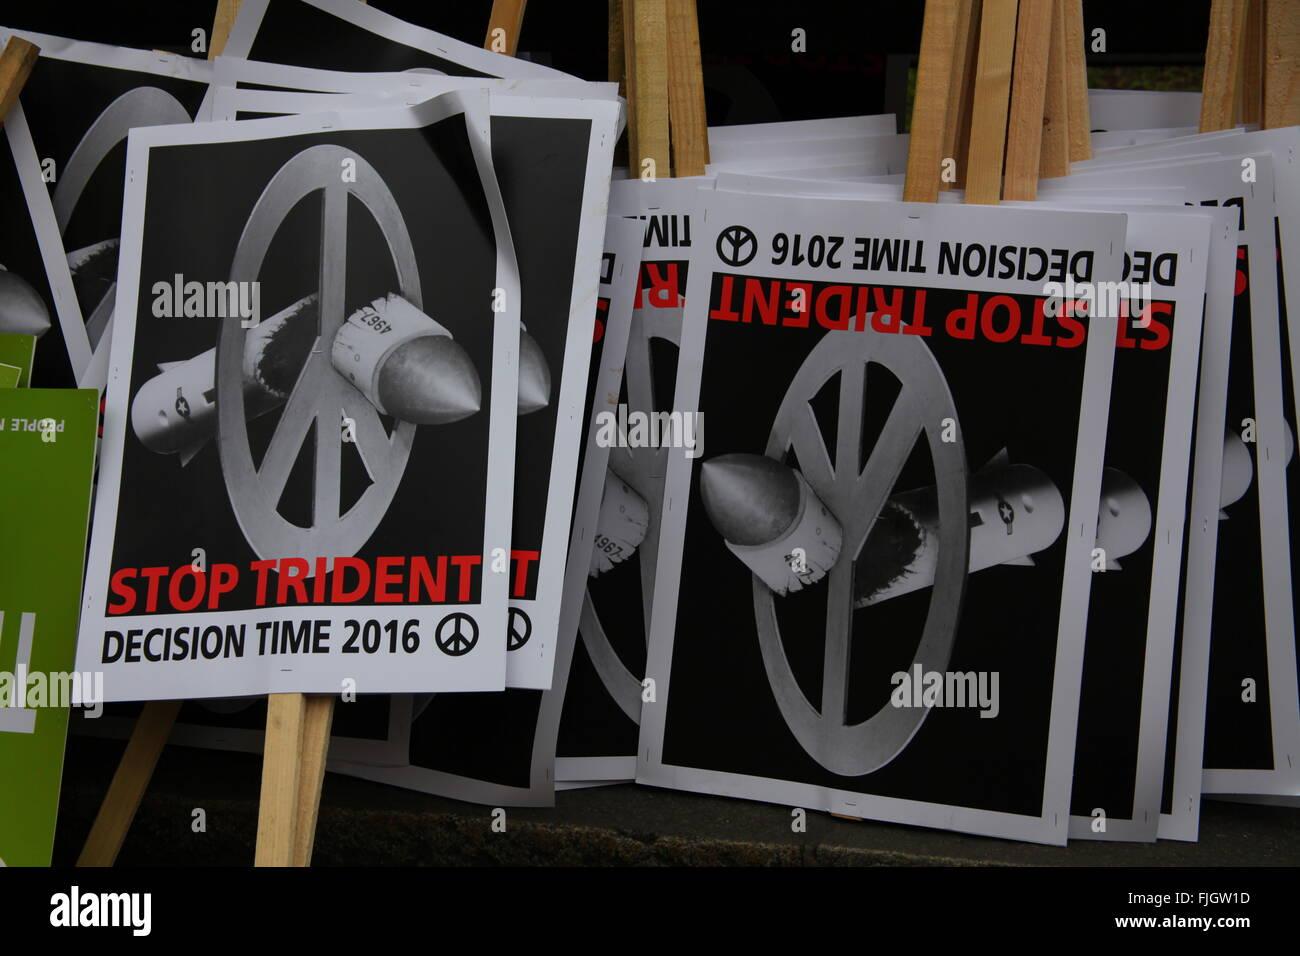 Londres, Royaume-Uni. 27 Février, 2016. Des pancartes pour l'arrêt de la CND Renouvellement Trident Photo Stock